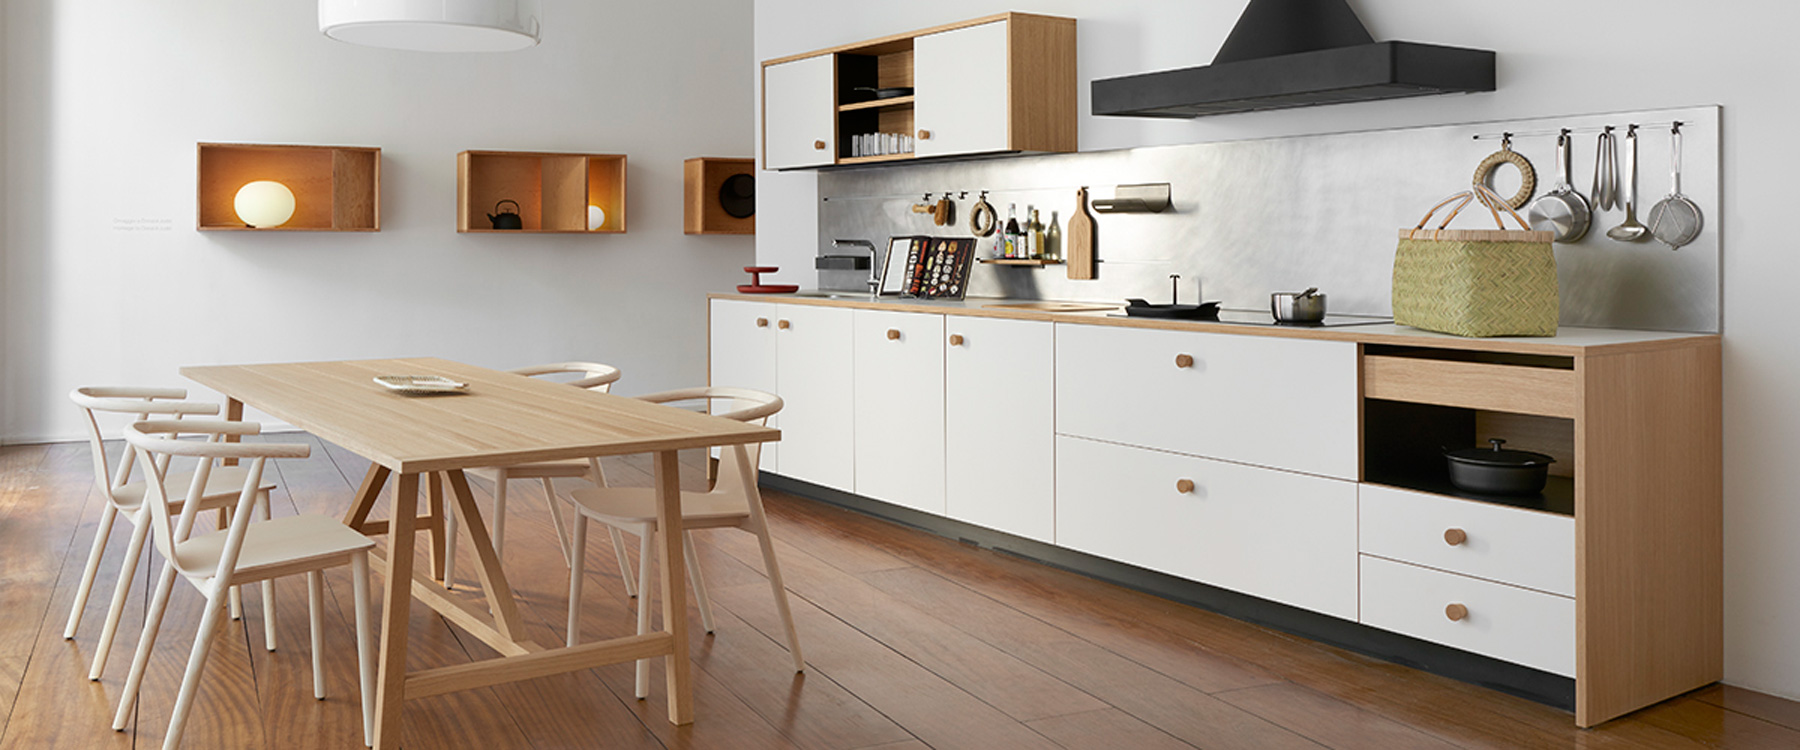 ldf16-jasper-morrison-kitchen-lepic